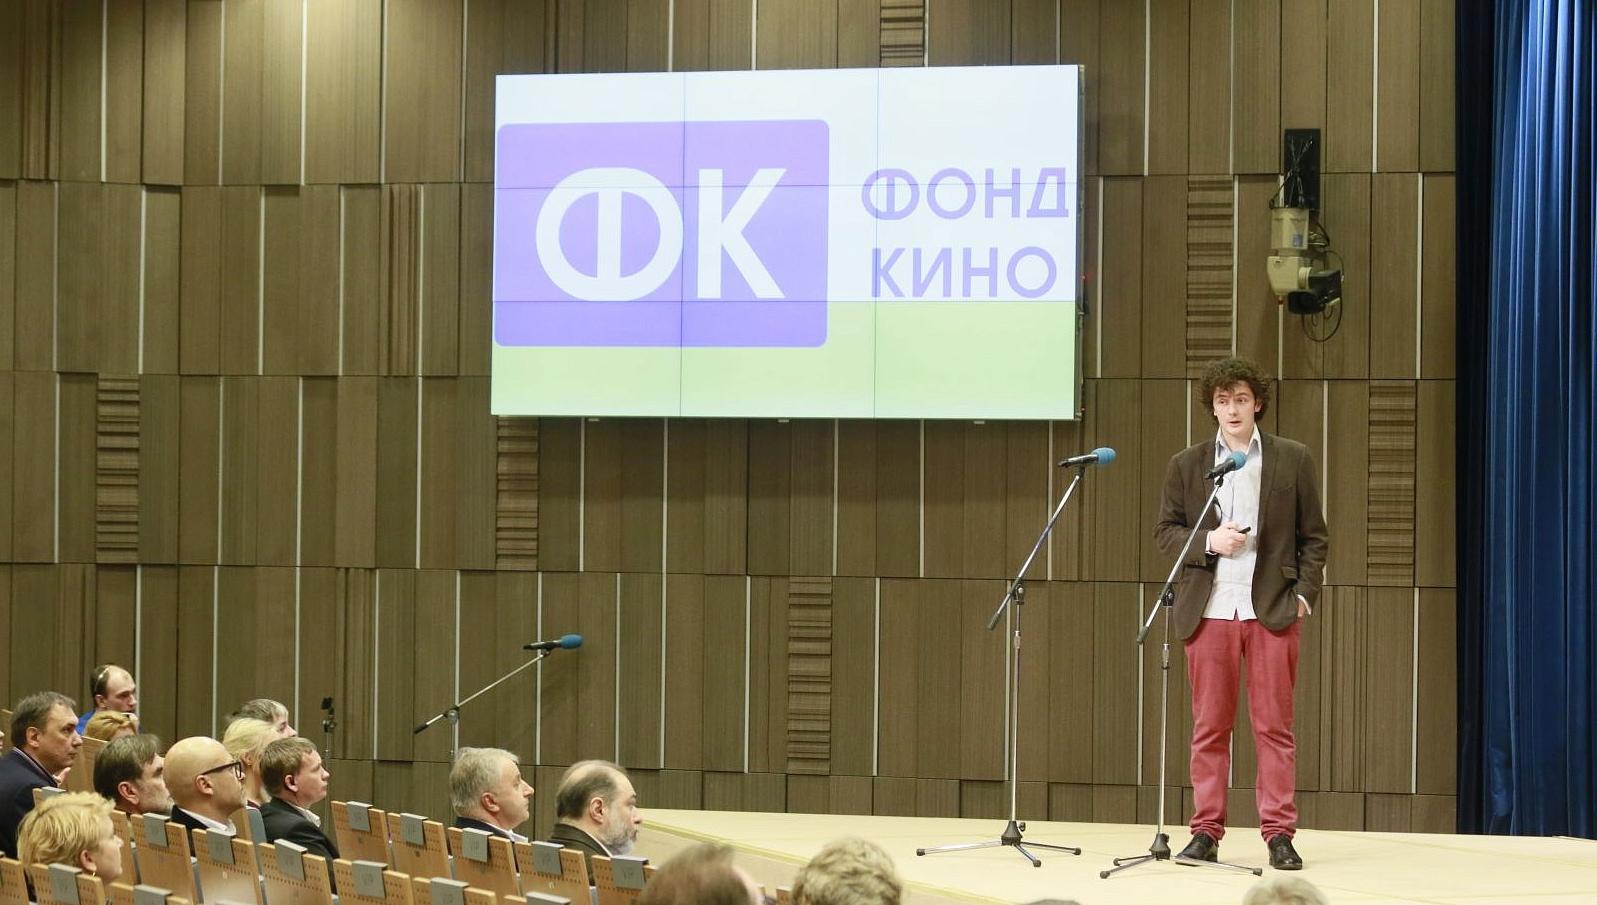 Фонд кино (ФК) (сайт Минской школы киноискусства)